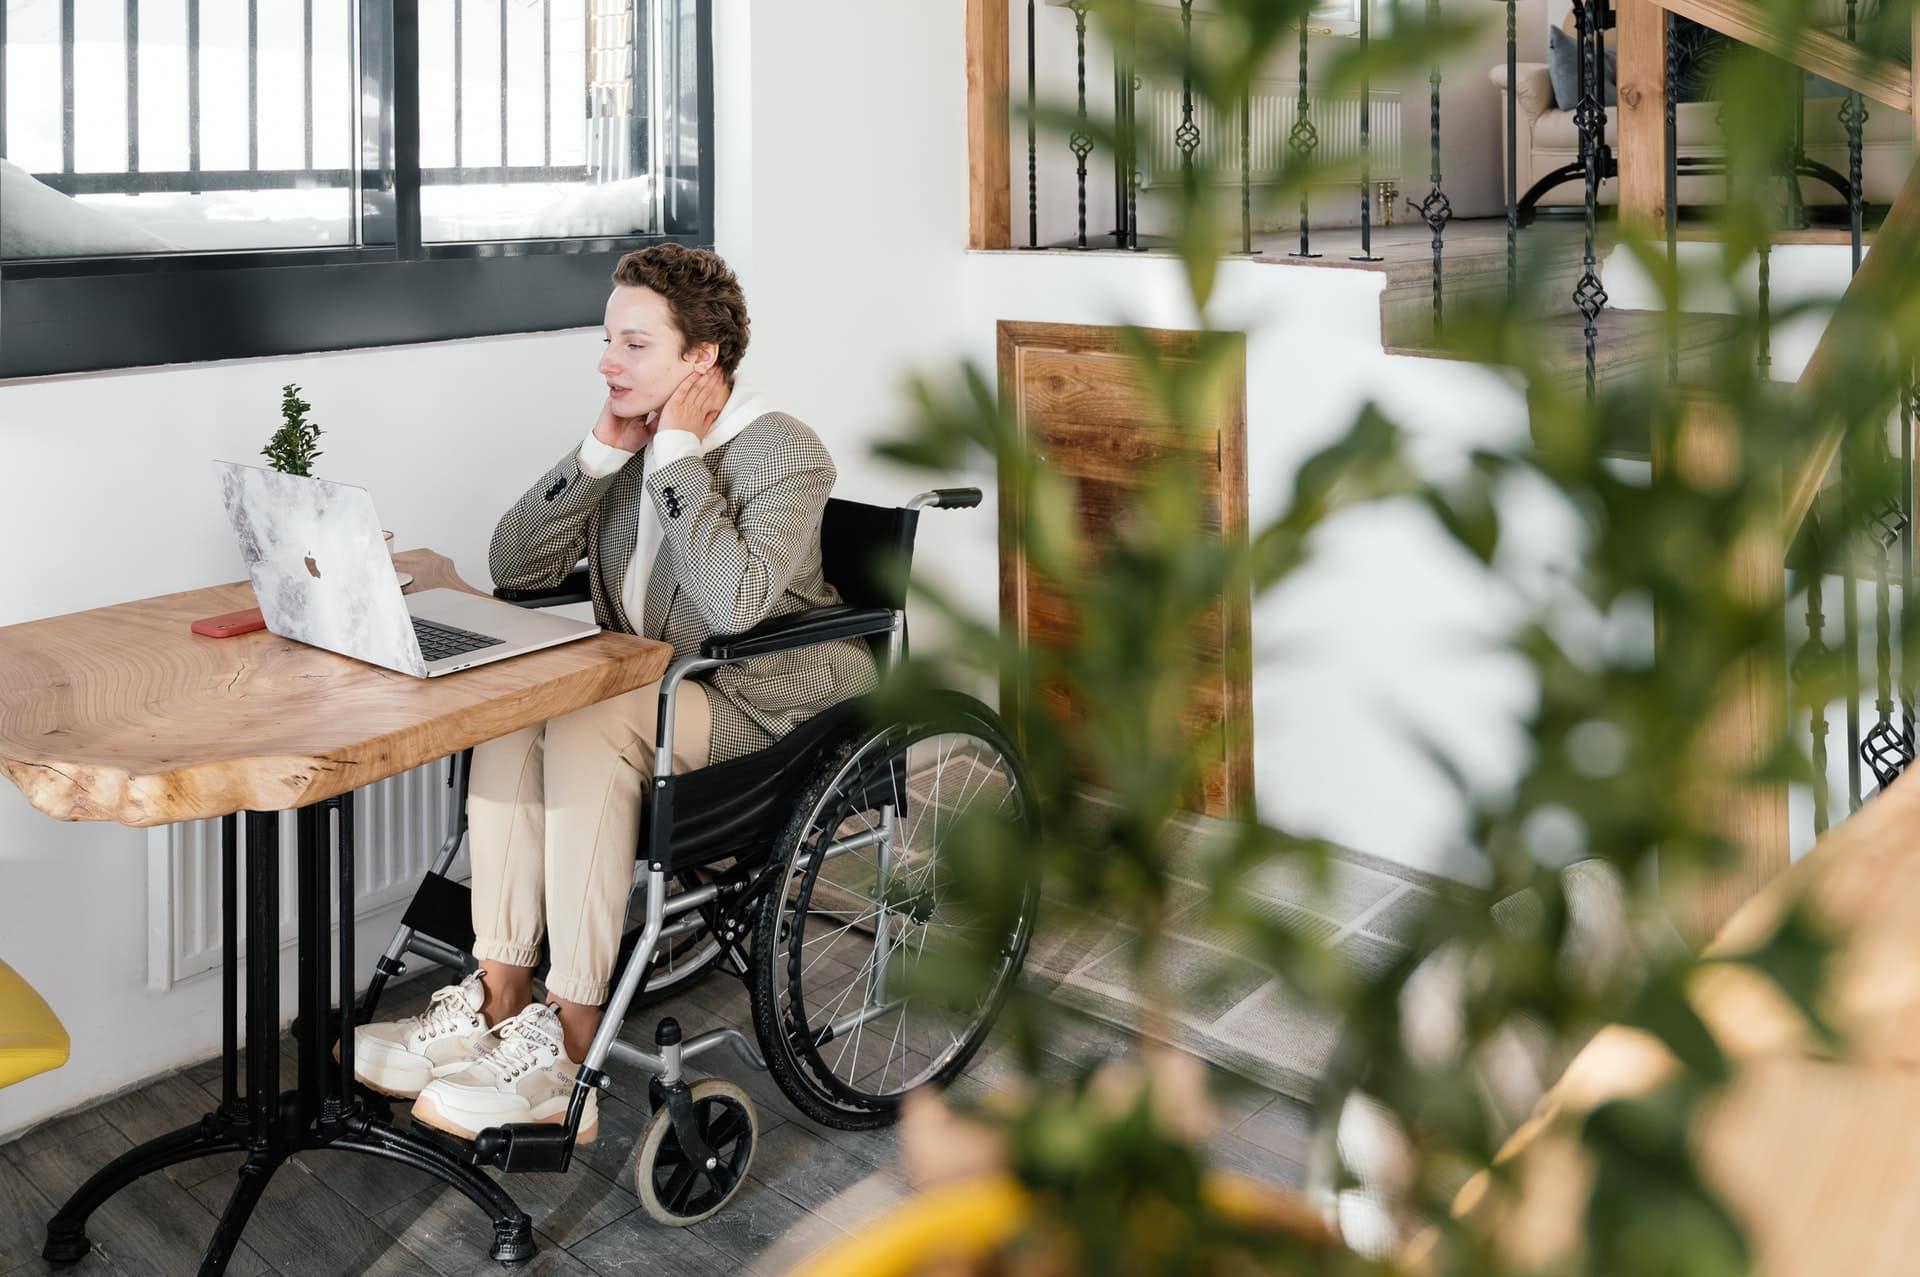 Schodołazy dla niepełnosprawnych, czyli życie bez barier